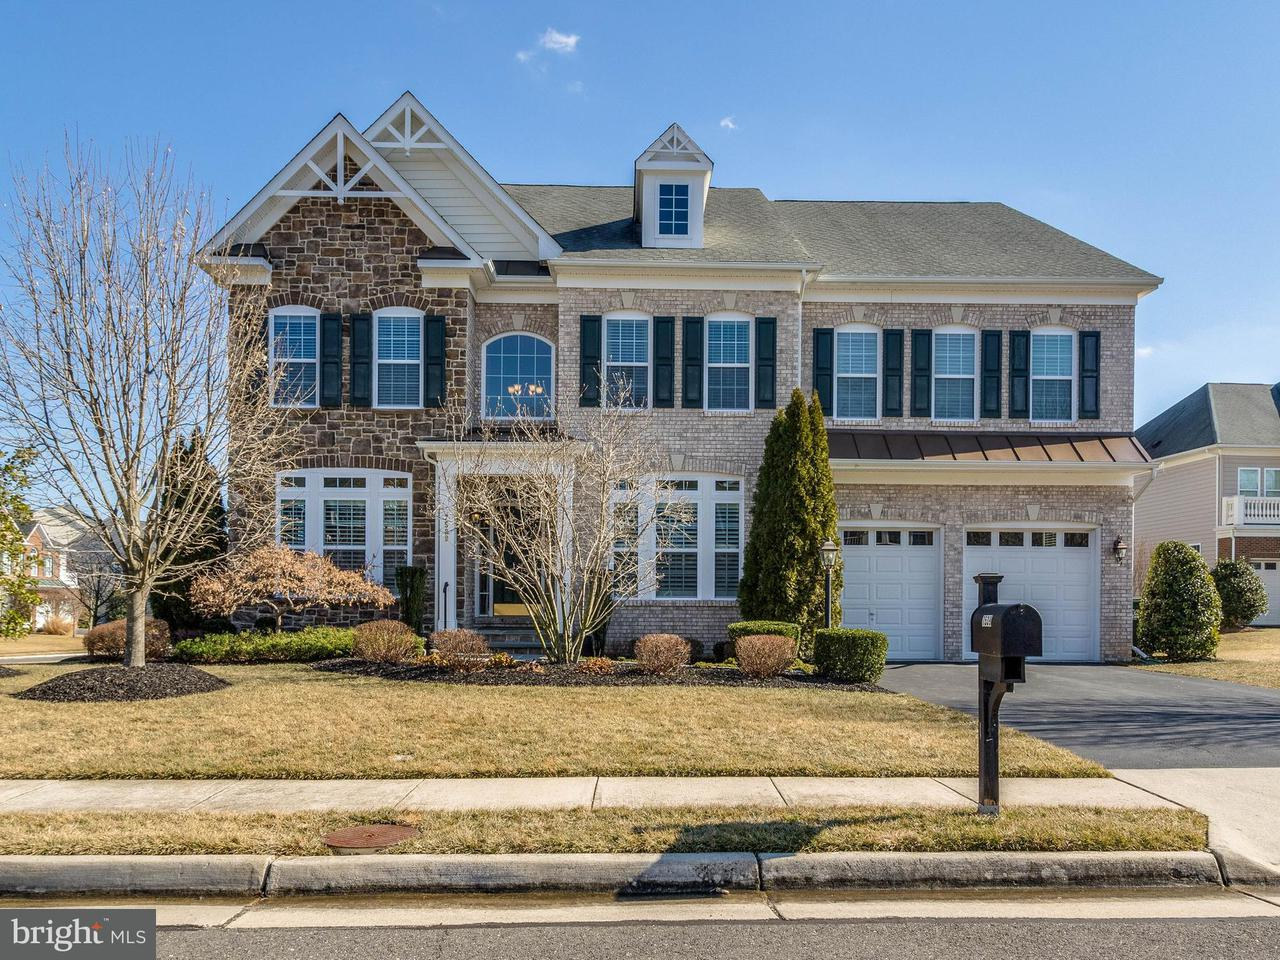 一戸建て のために 売買 アット 7539 Red Hill Drive 7539 Red Hill Drive Springfield, バージニア 22153 アメリカ合衆国